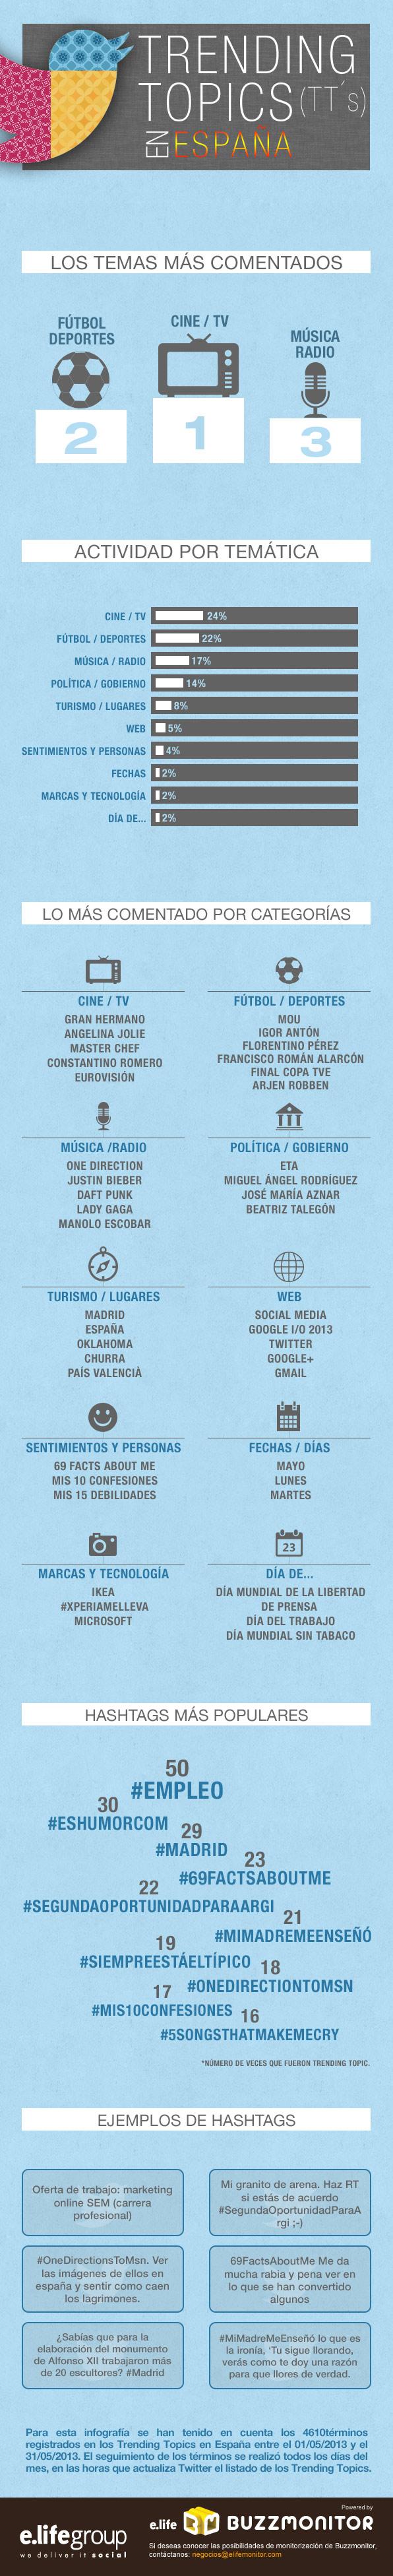 Trending Topic más populares en España (mayo/2013)